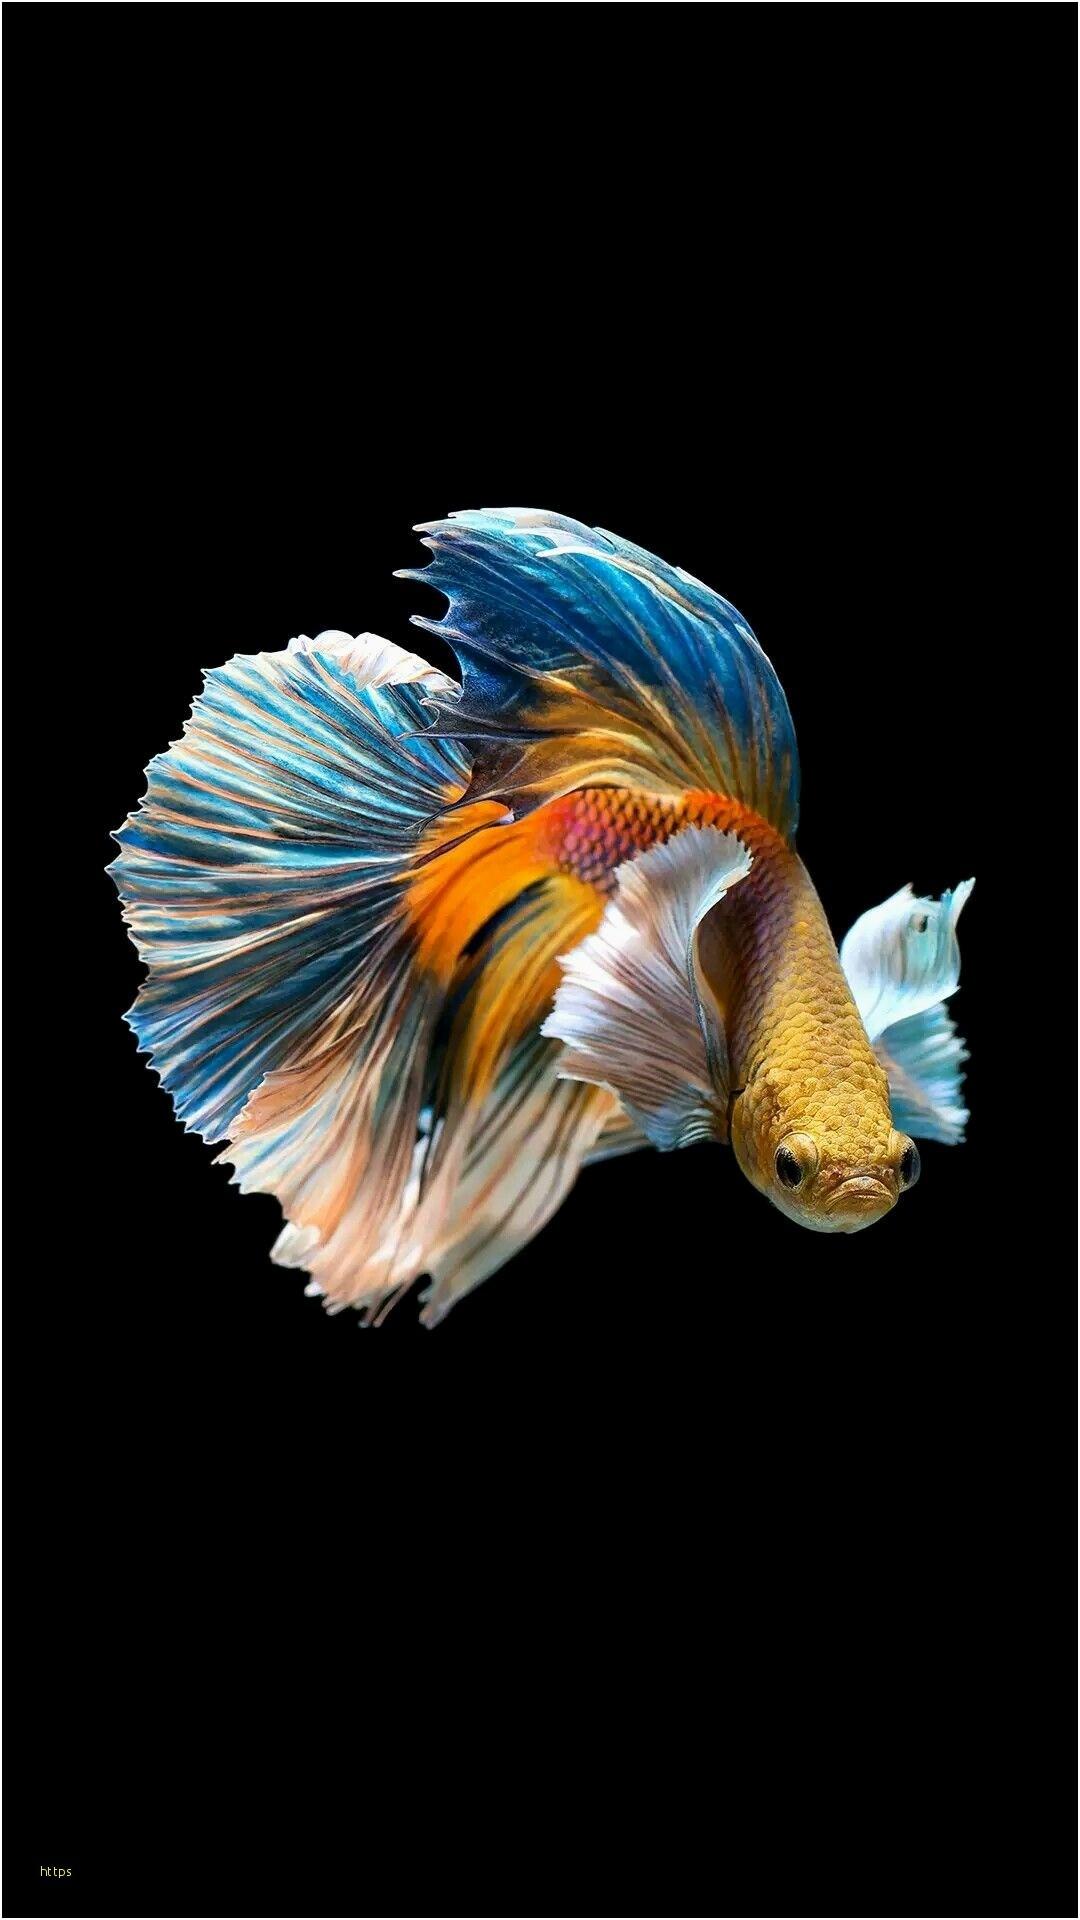 Wallpaper Koi Fish (70+ images)